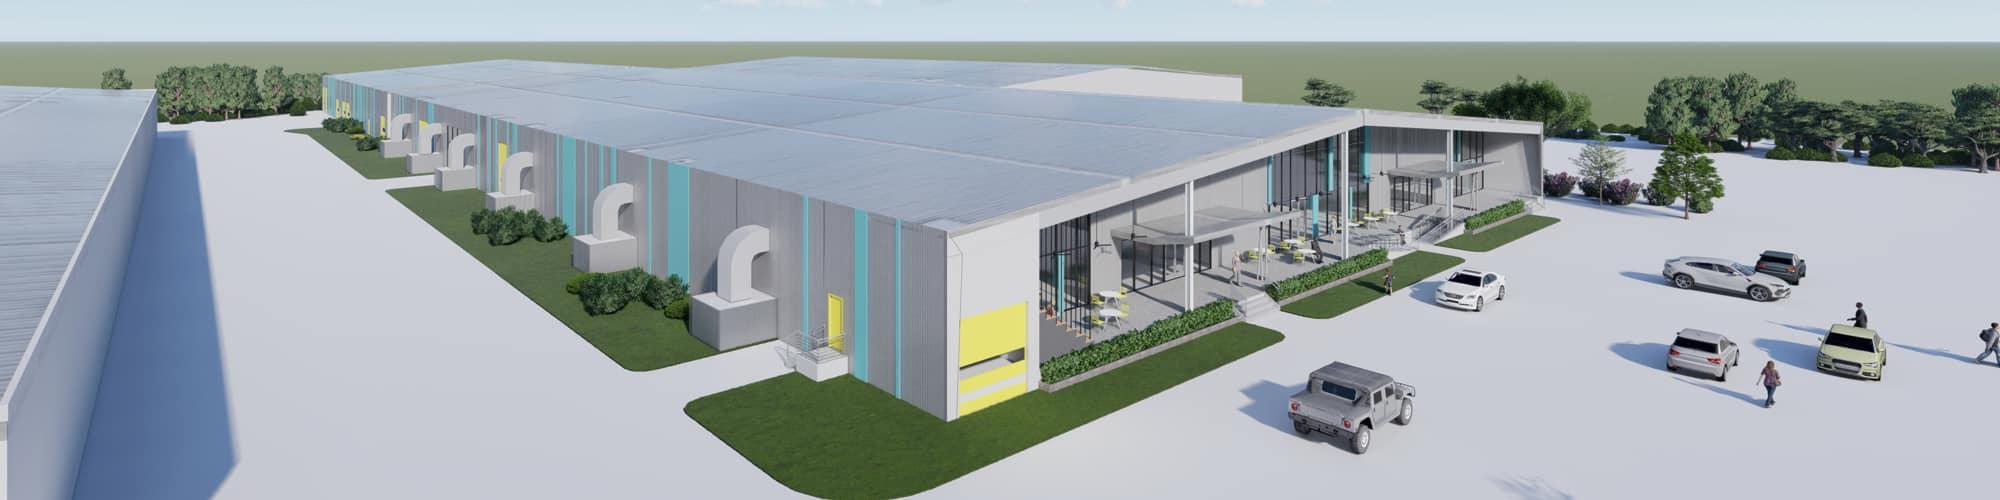 Schertz Corporate Center Rendering